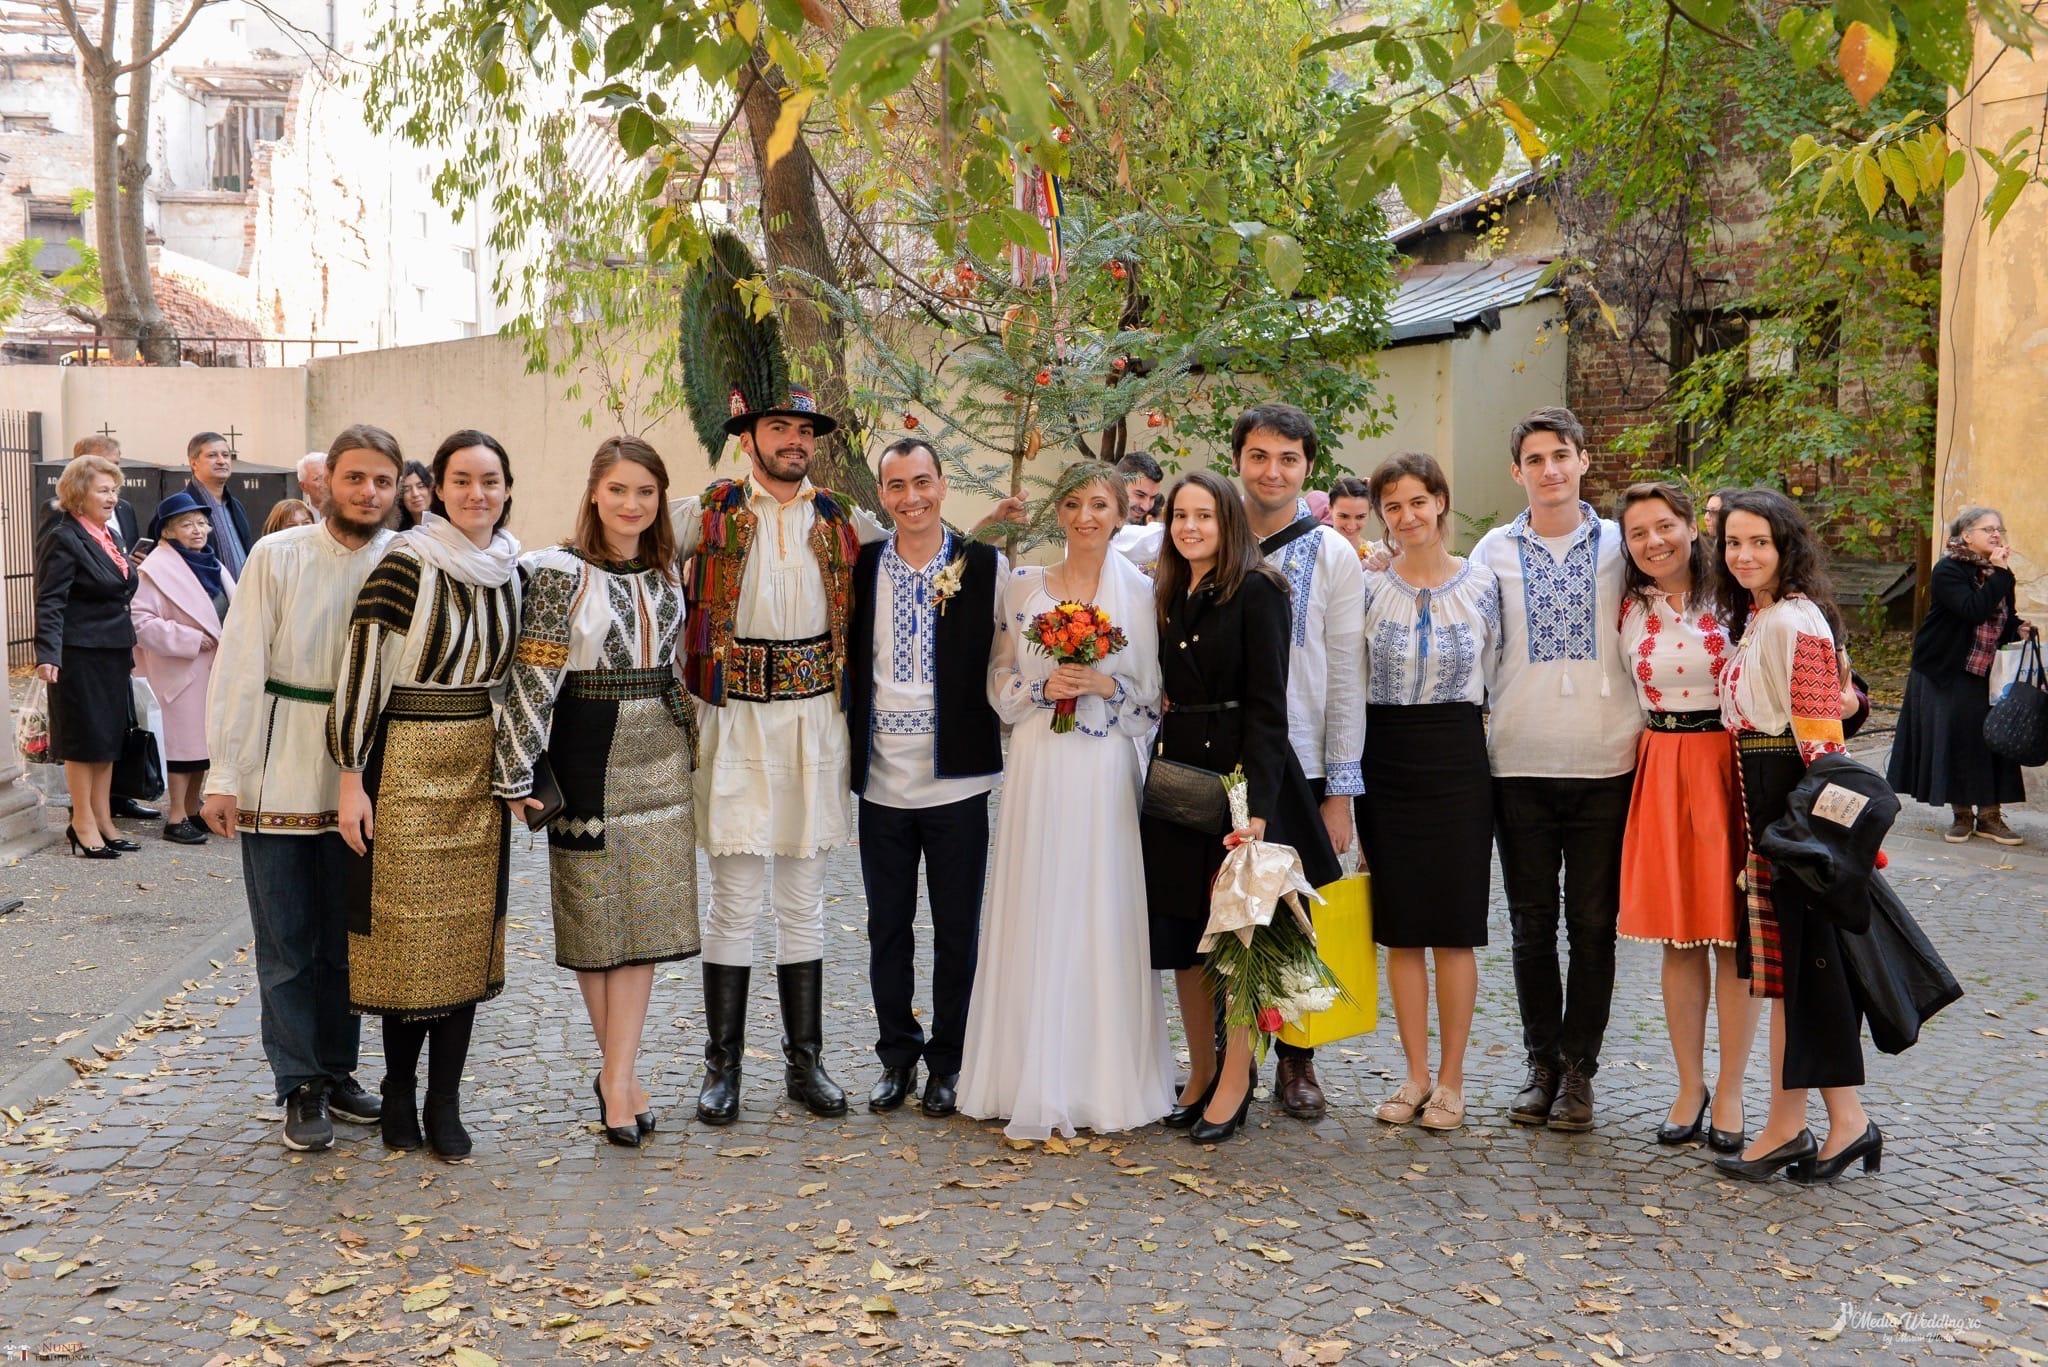 Povești Nunți Tradiționale - Alina-Maria și Ilie, nuntă tradițională în București 12